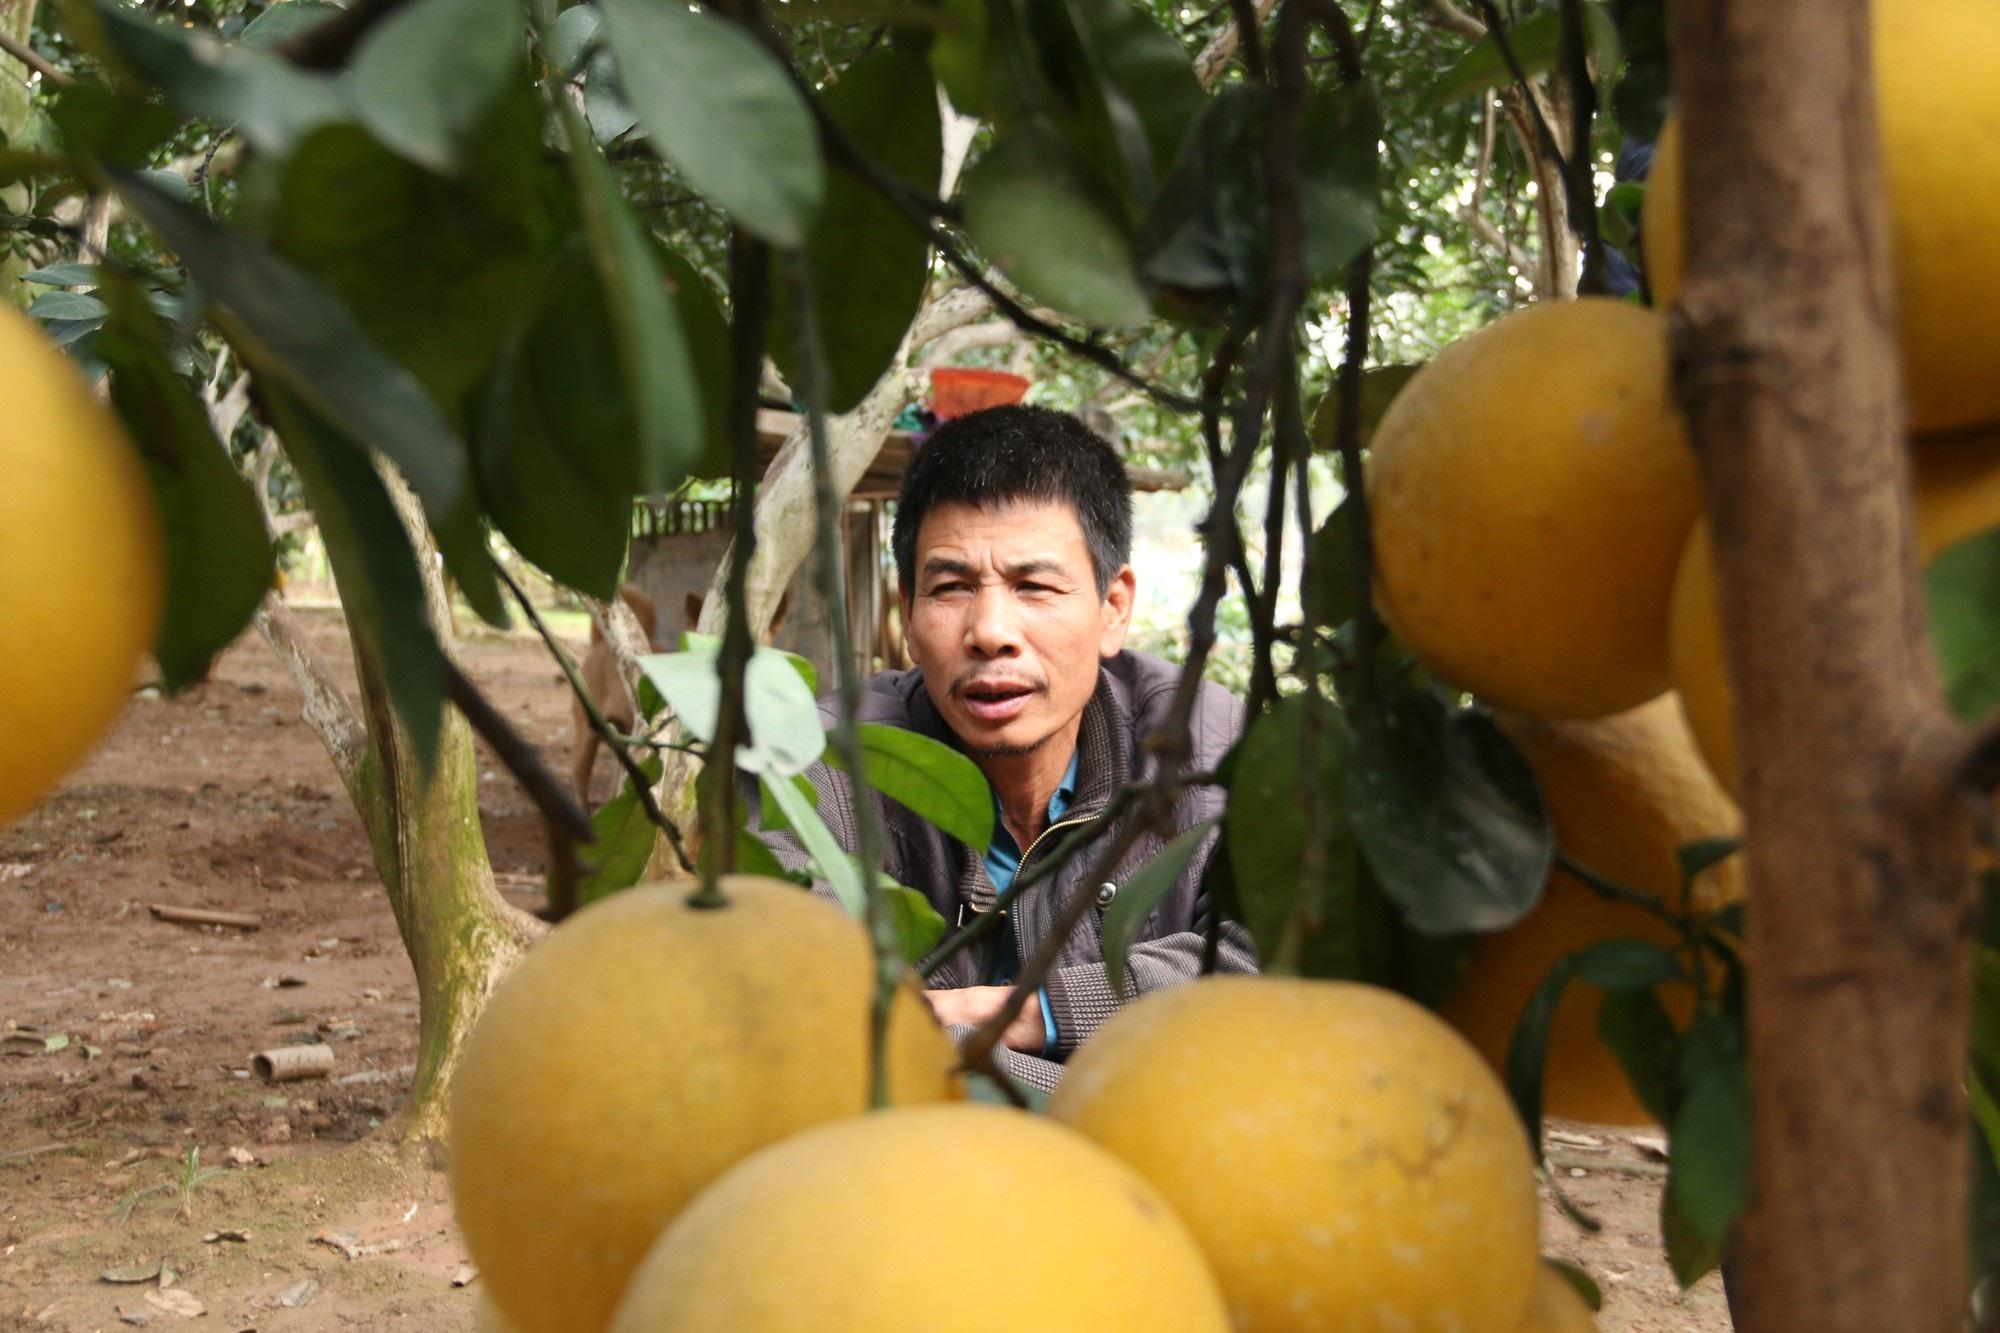 """Đệ nhất bưởi Hà Nội: """"Cháy hàng"""" trước Tết, người trồng bưởi rủng rỉnh tiền tiêu - Ảnh 11."""